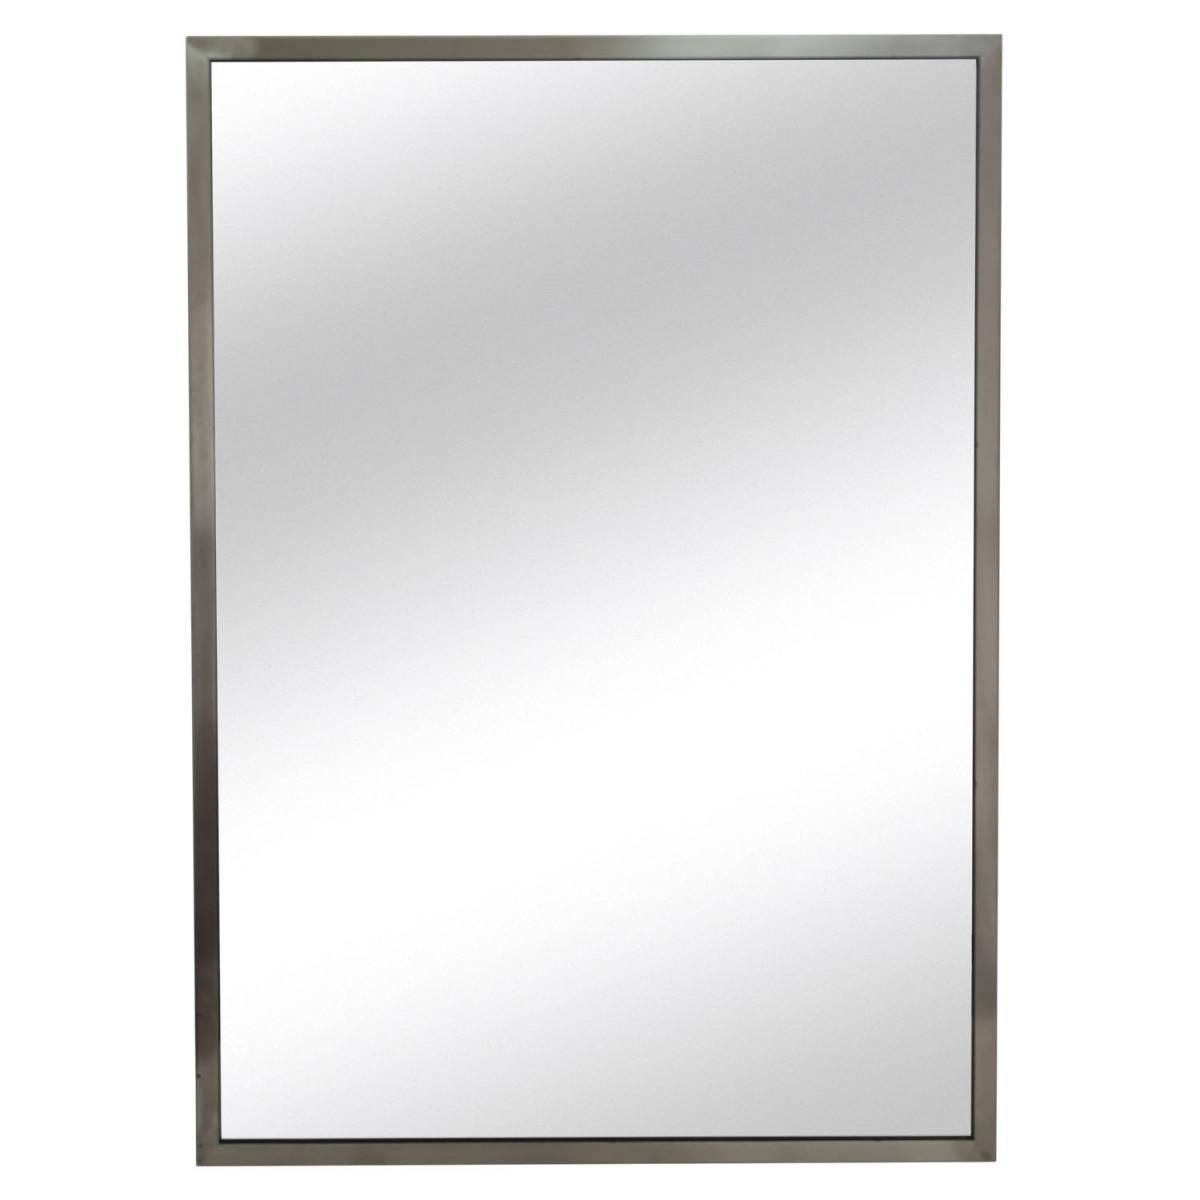 Зеркало поворотное, с окантовкой из нержавеющей стали 150300 Noksi